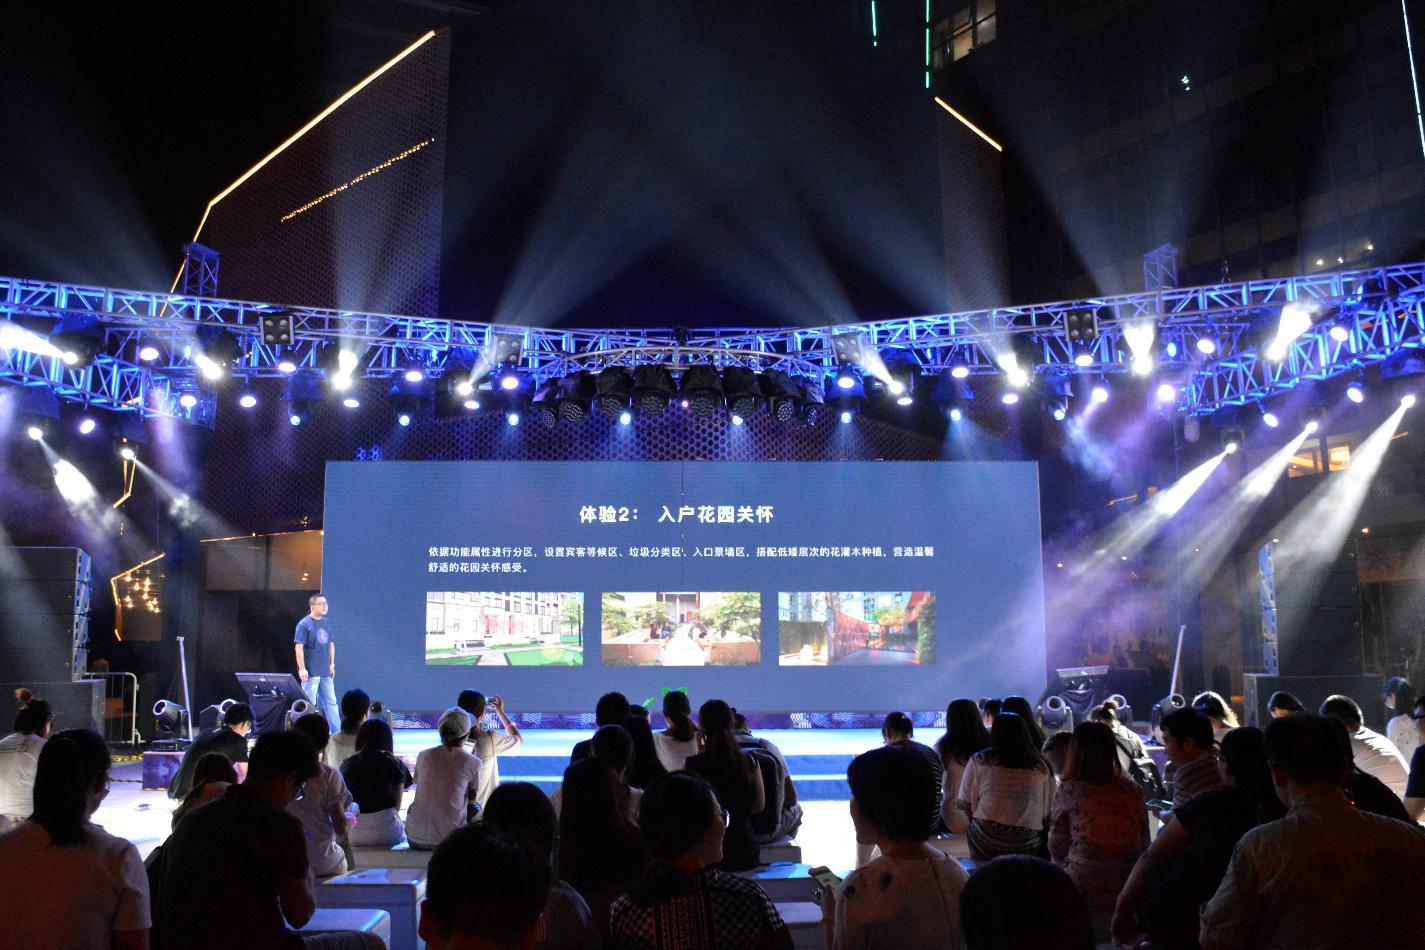 随后,来自天津法奥建筑设计有限公司的万科九都荟景观主案设计师